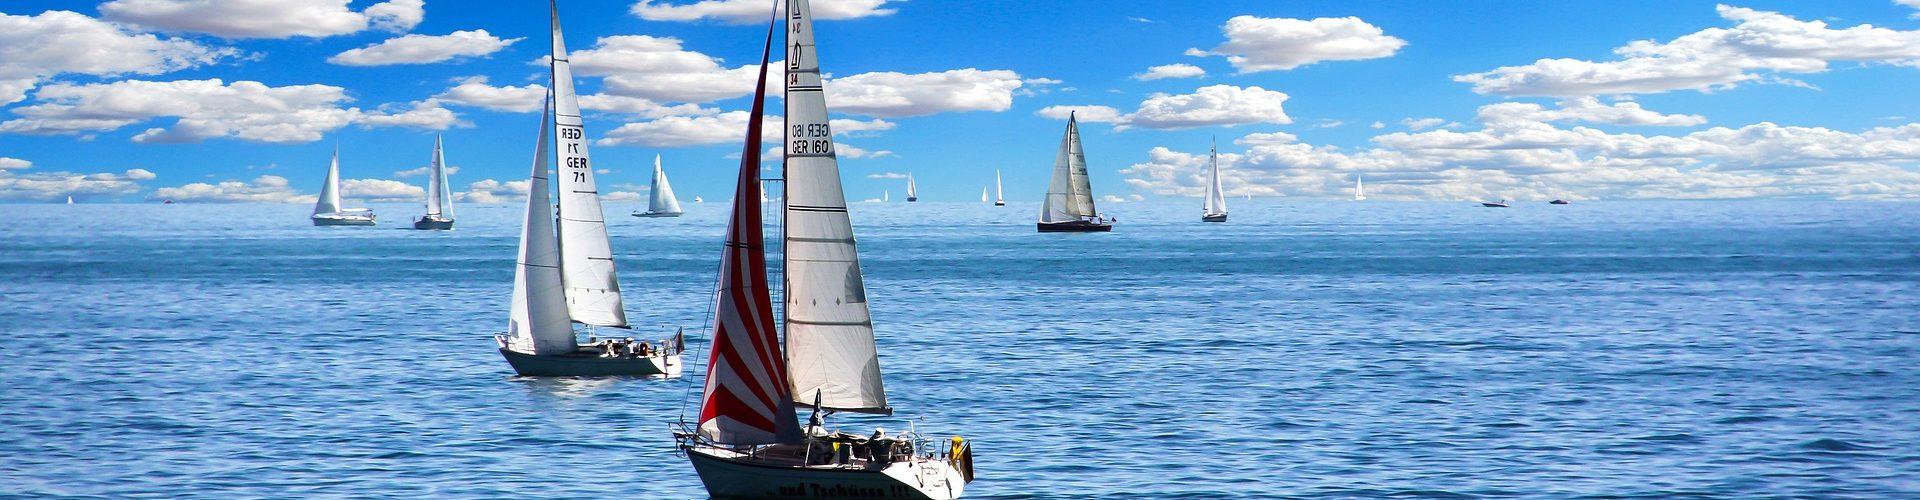 segeln lernen in Westensee segelschein machen in Westensee 1920x500 - Segeln lernen in Westensee